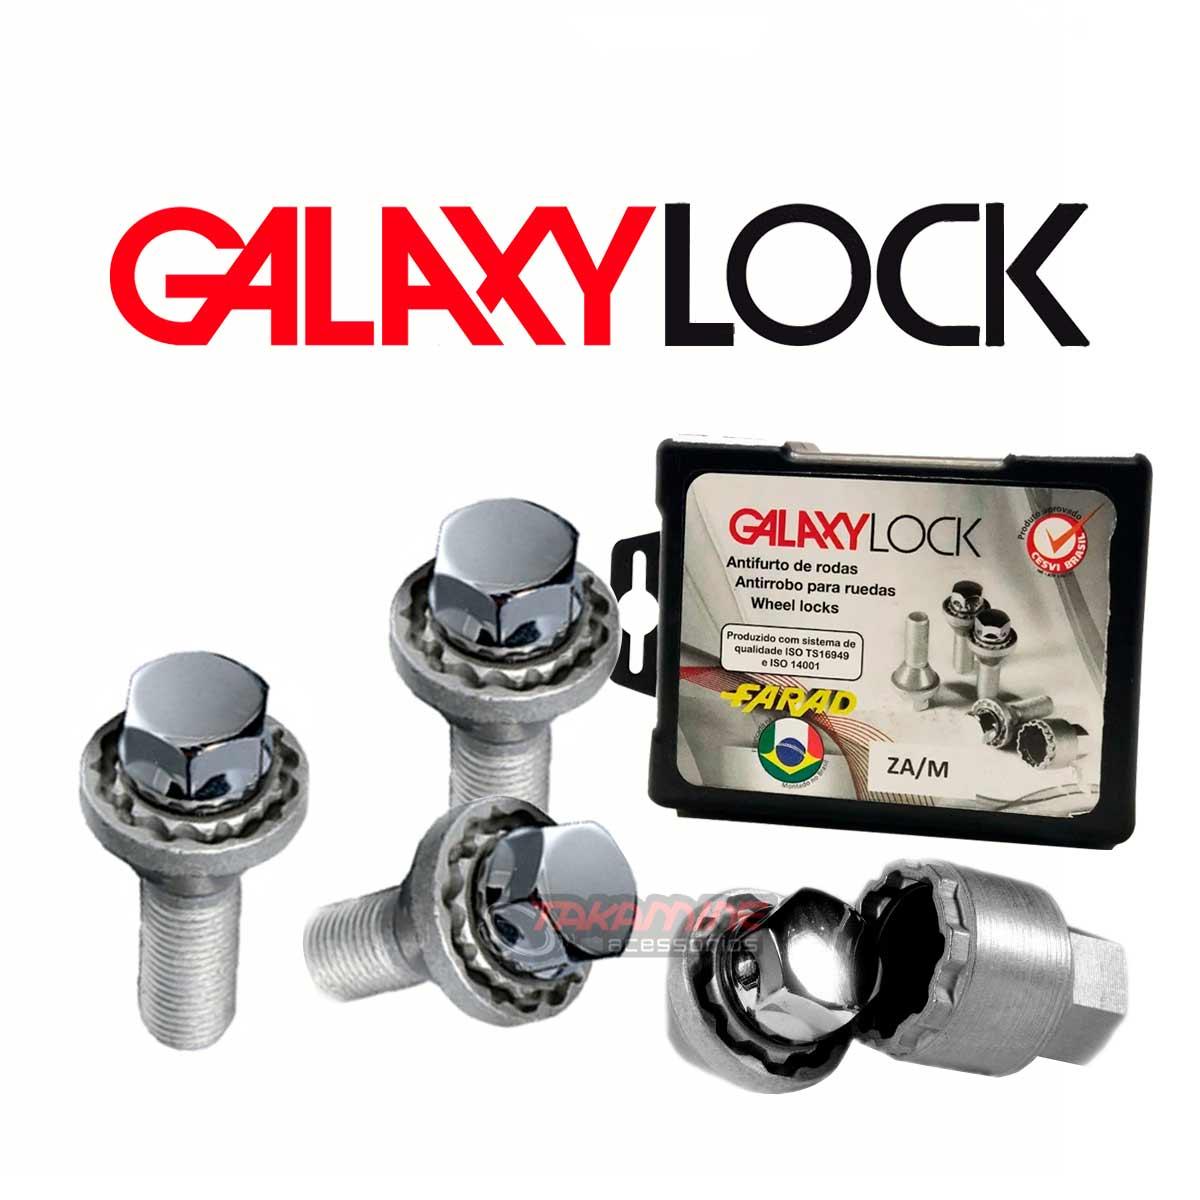 Parafuso antifurto para rodas Galaxy Lock C3 Picasso 2011 até 2015 BE8/M